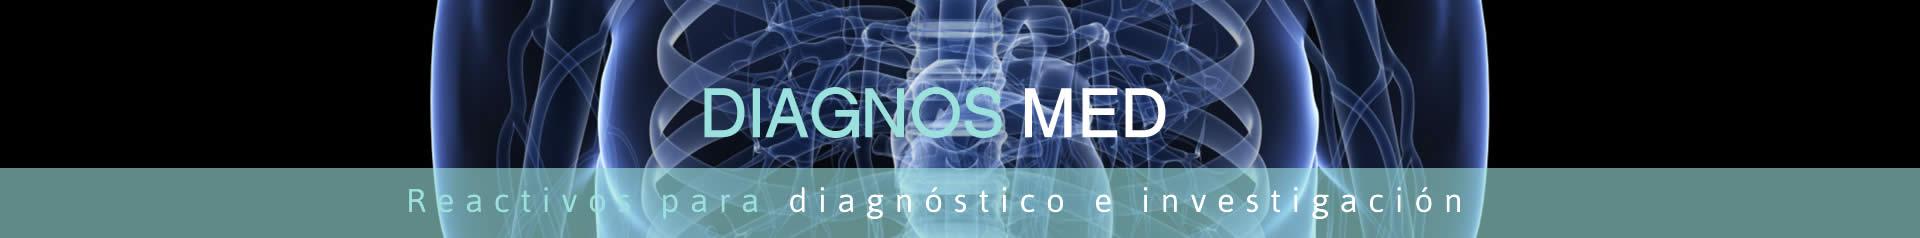 Diagnos Med. Reactivos para diagnostico e investigación desde 1989